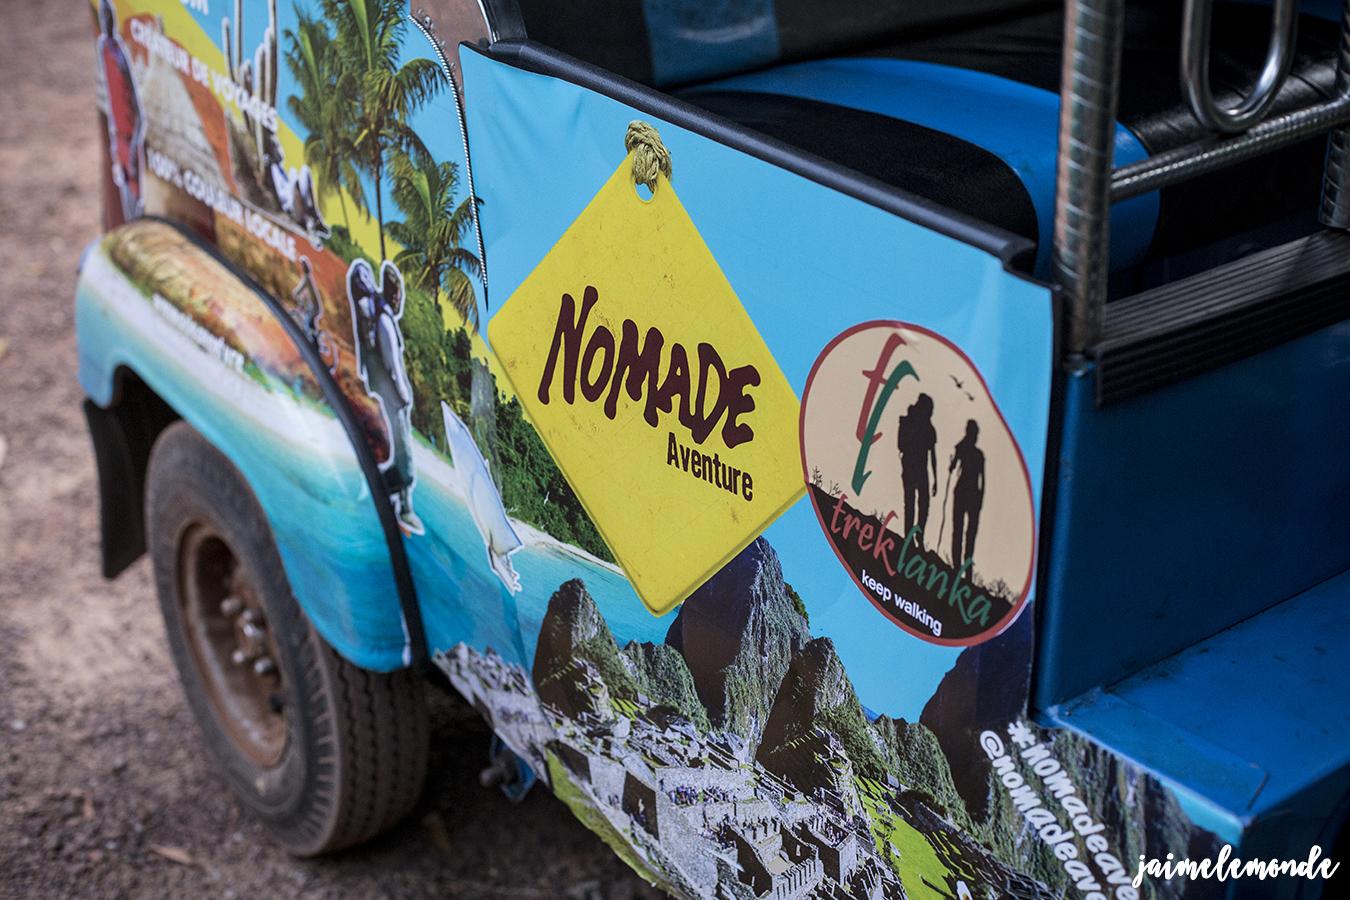 lanka-challenge-2016-avec-nomade-aventure-jaimelemonde-21